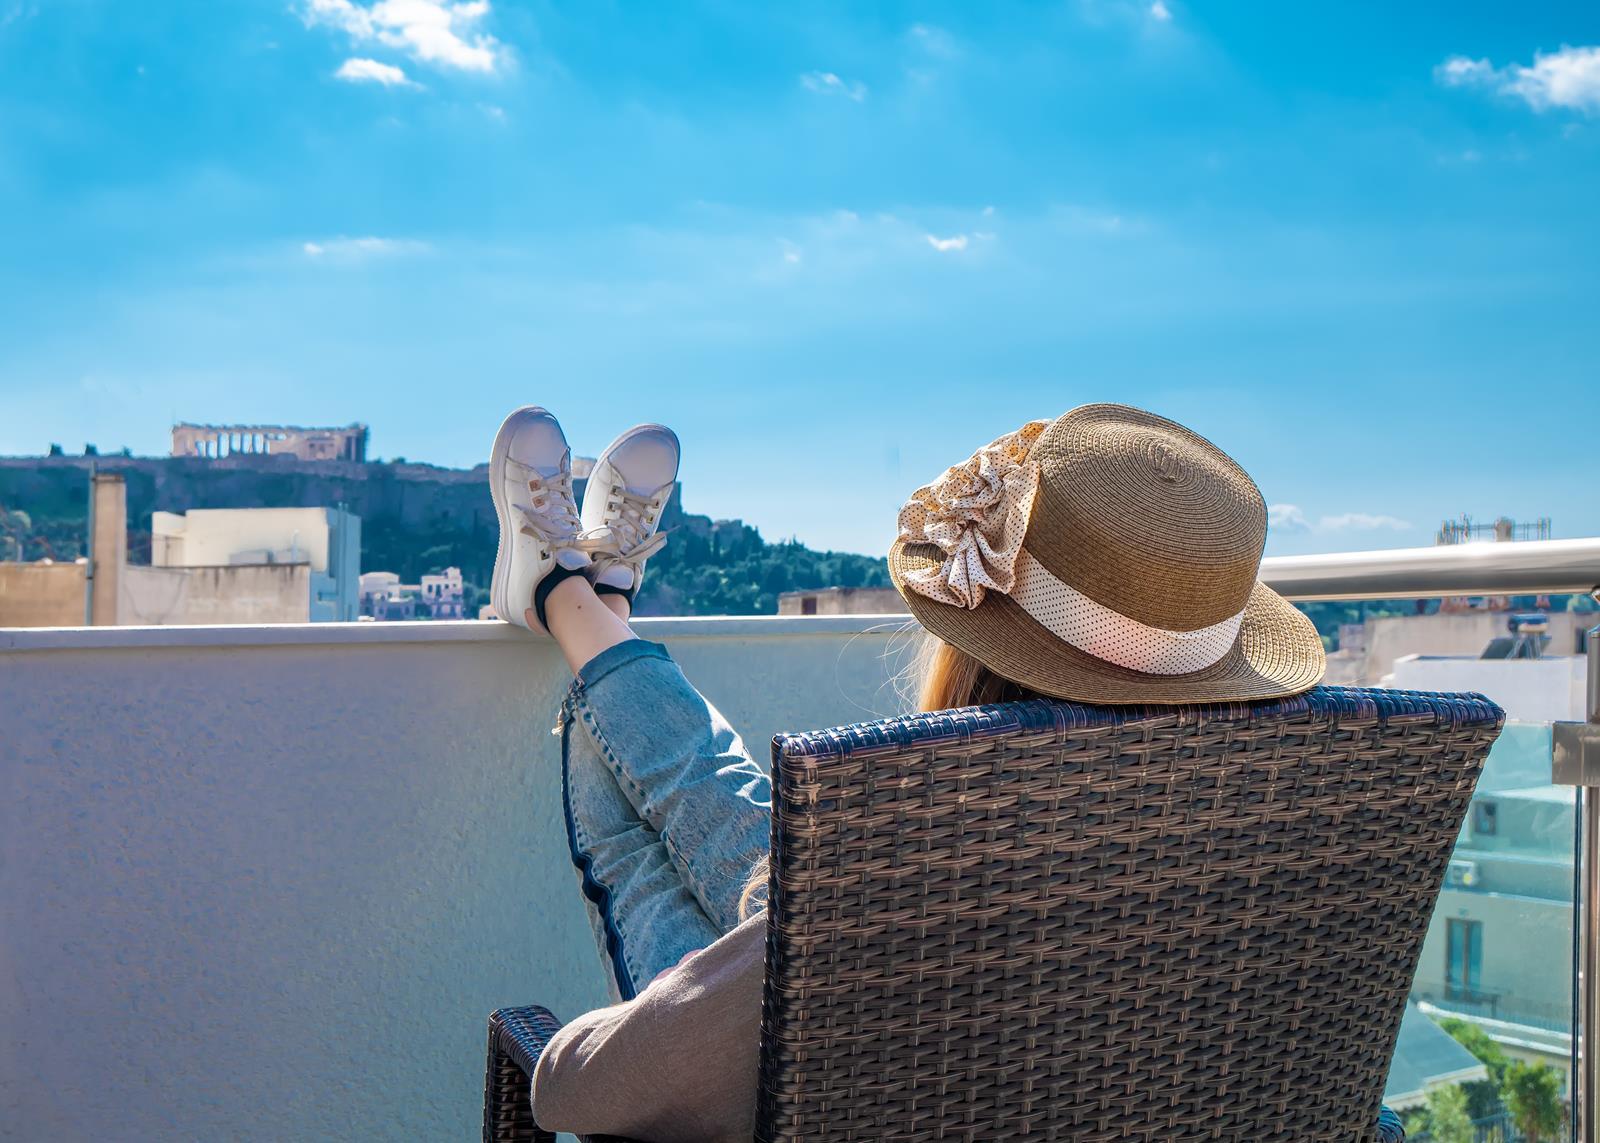 ξενοδοχειο κεντρο αθηνα θεα ακροπολη- Hotel Attalos Athens